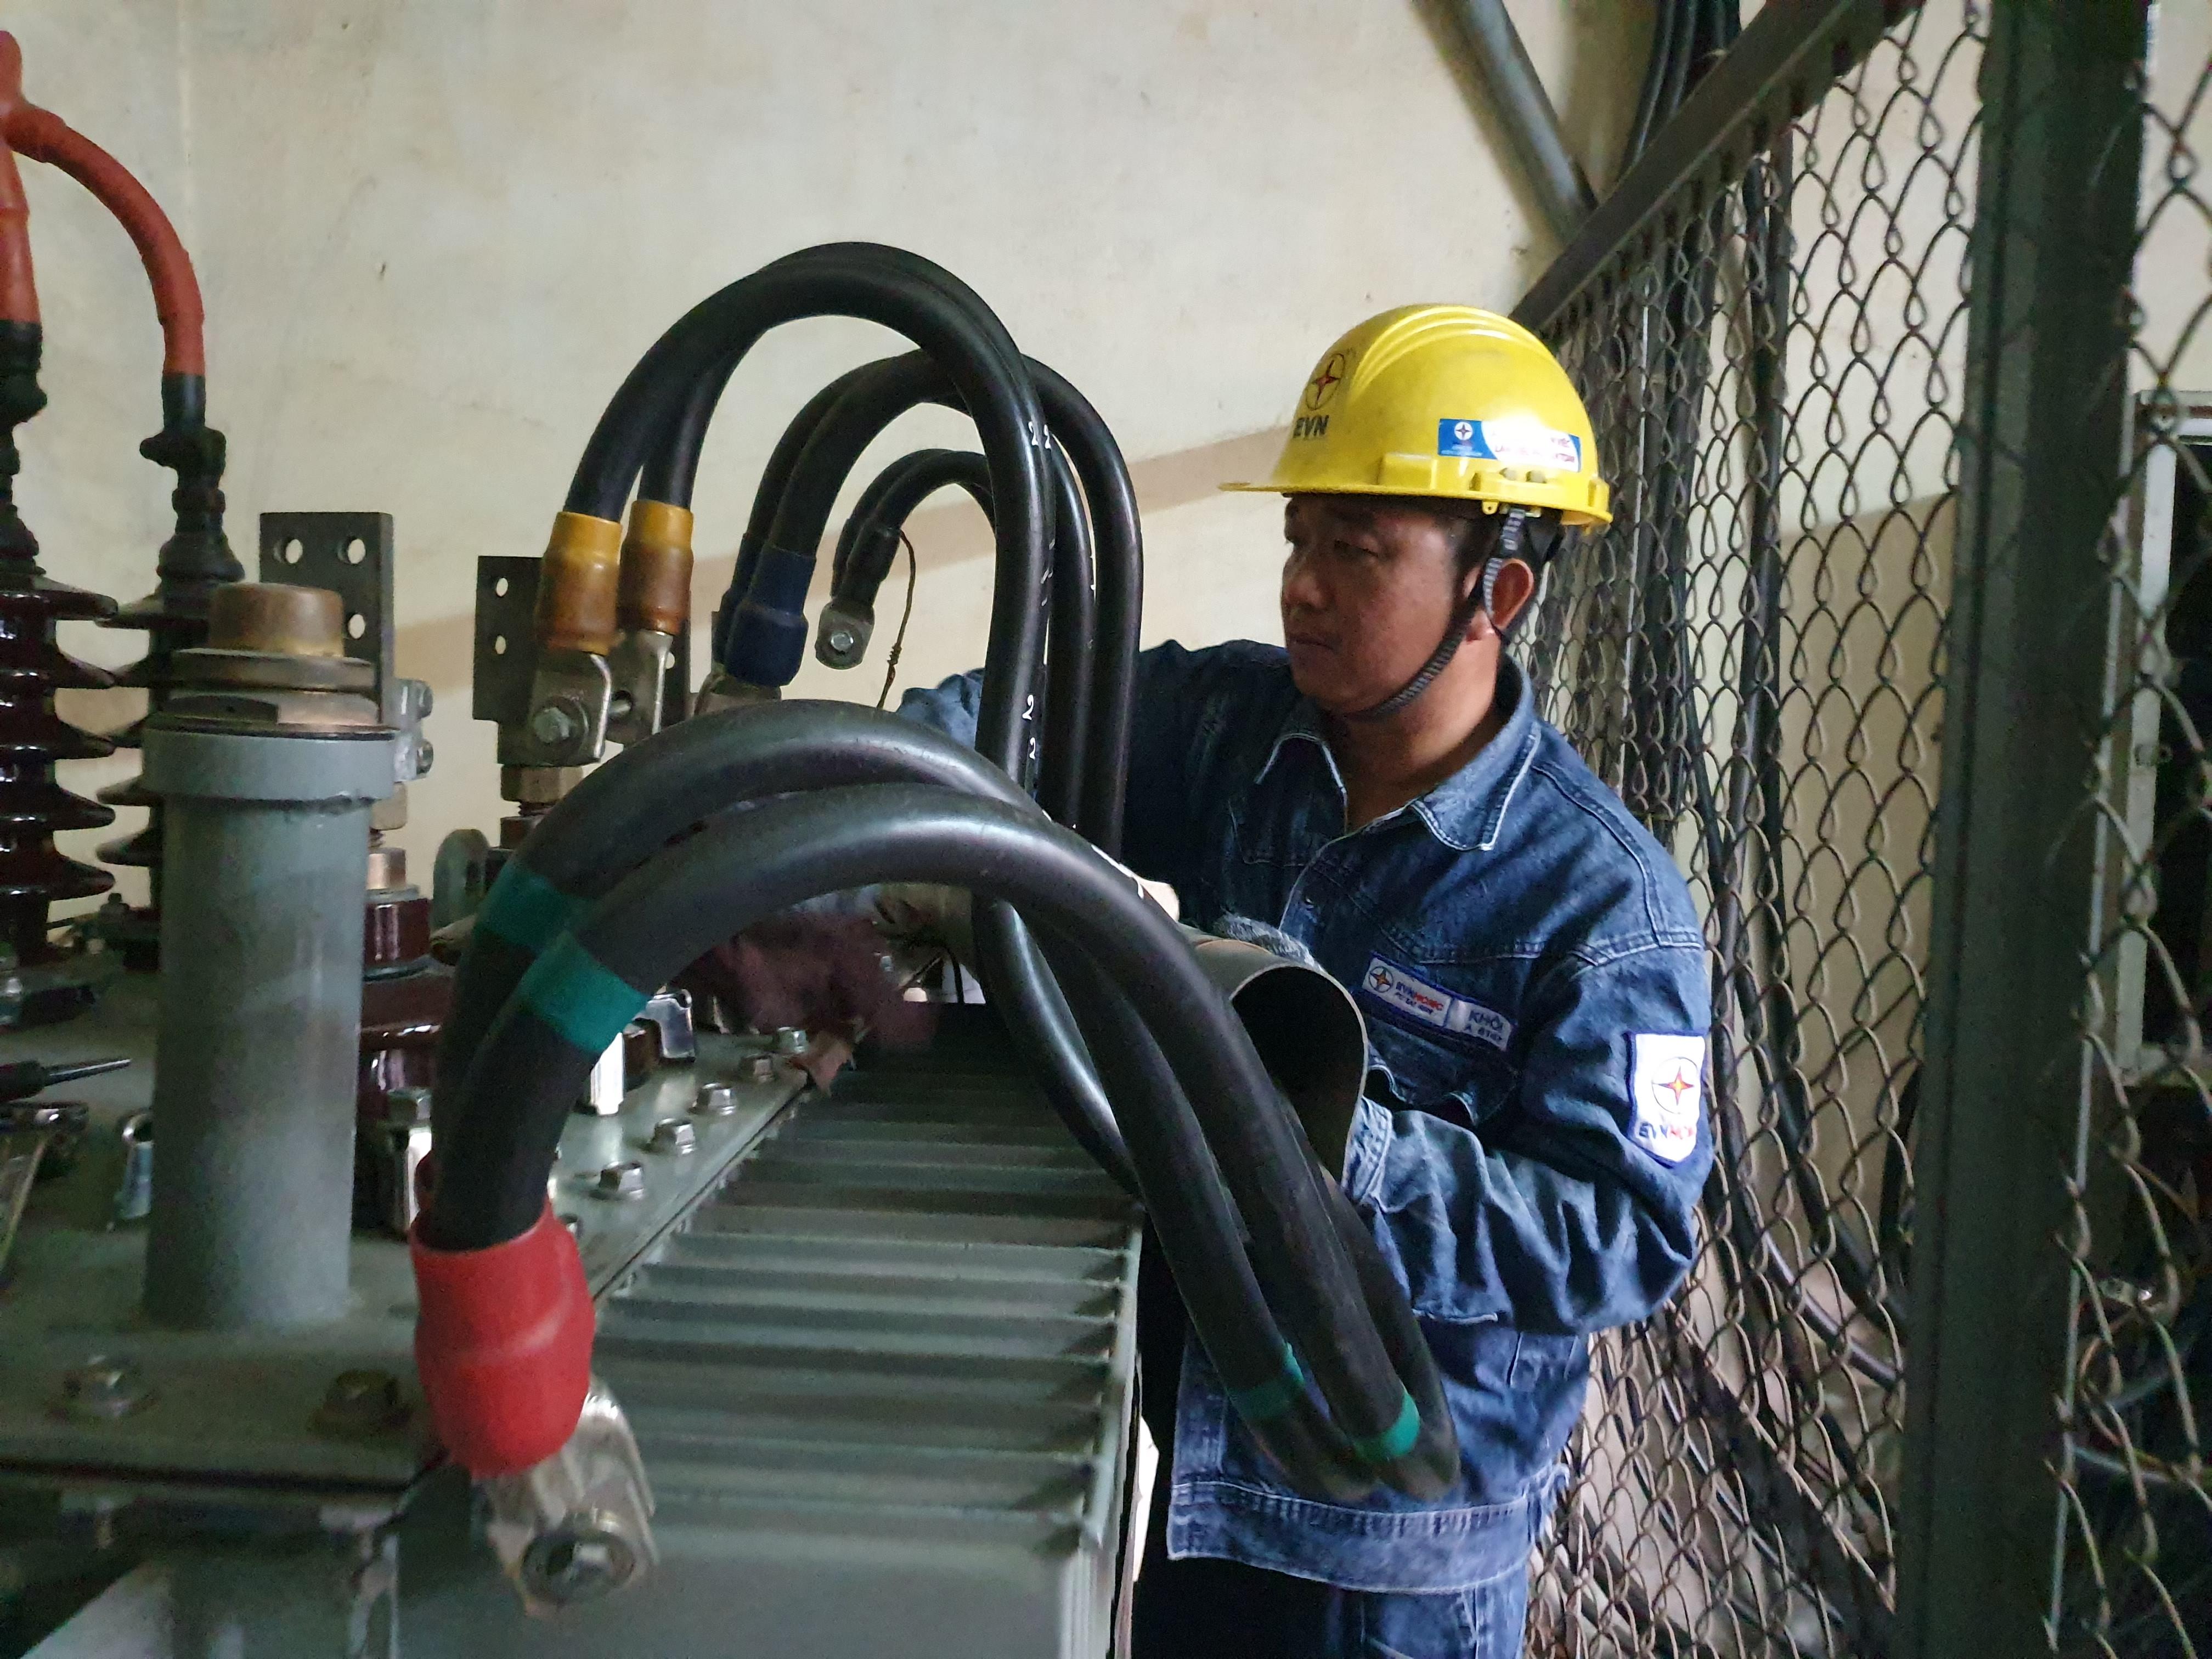 Với thủ tục cấp điện mới, khách hàng chỉ cần thực hiện một việc duy nhất là đăng ký cung cấp điện. Ảnh: VGP/Minh Thi